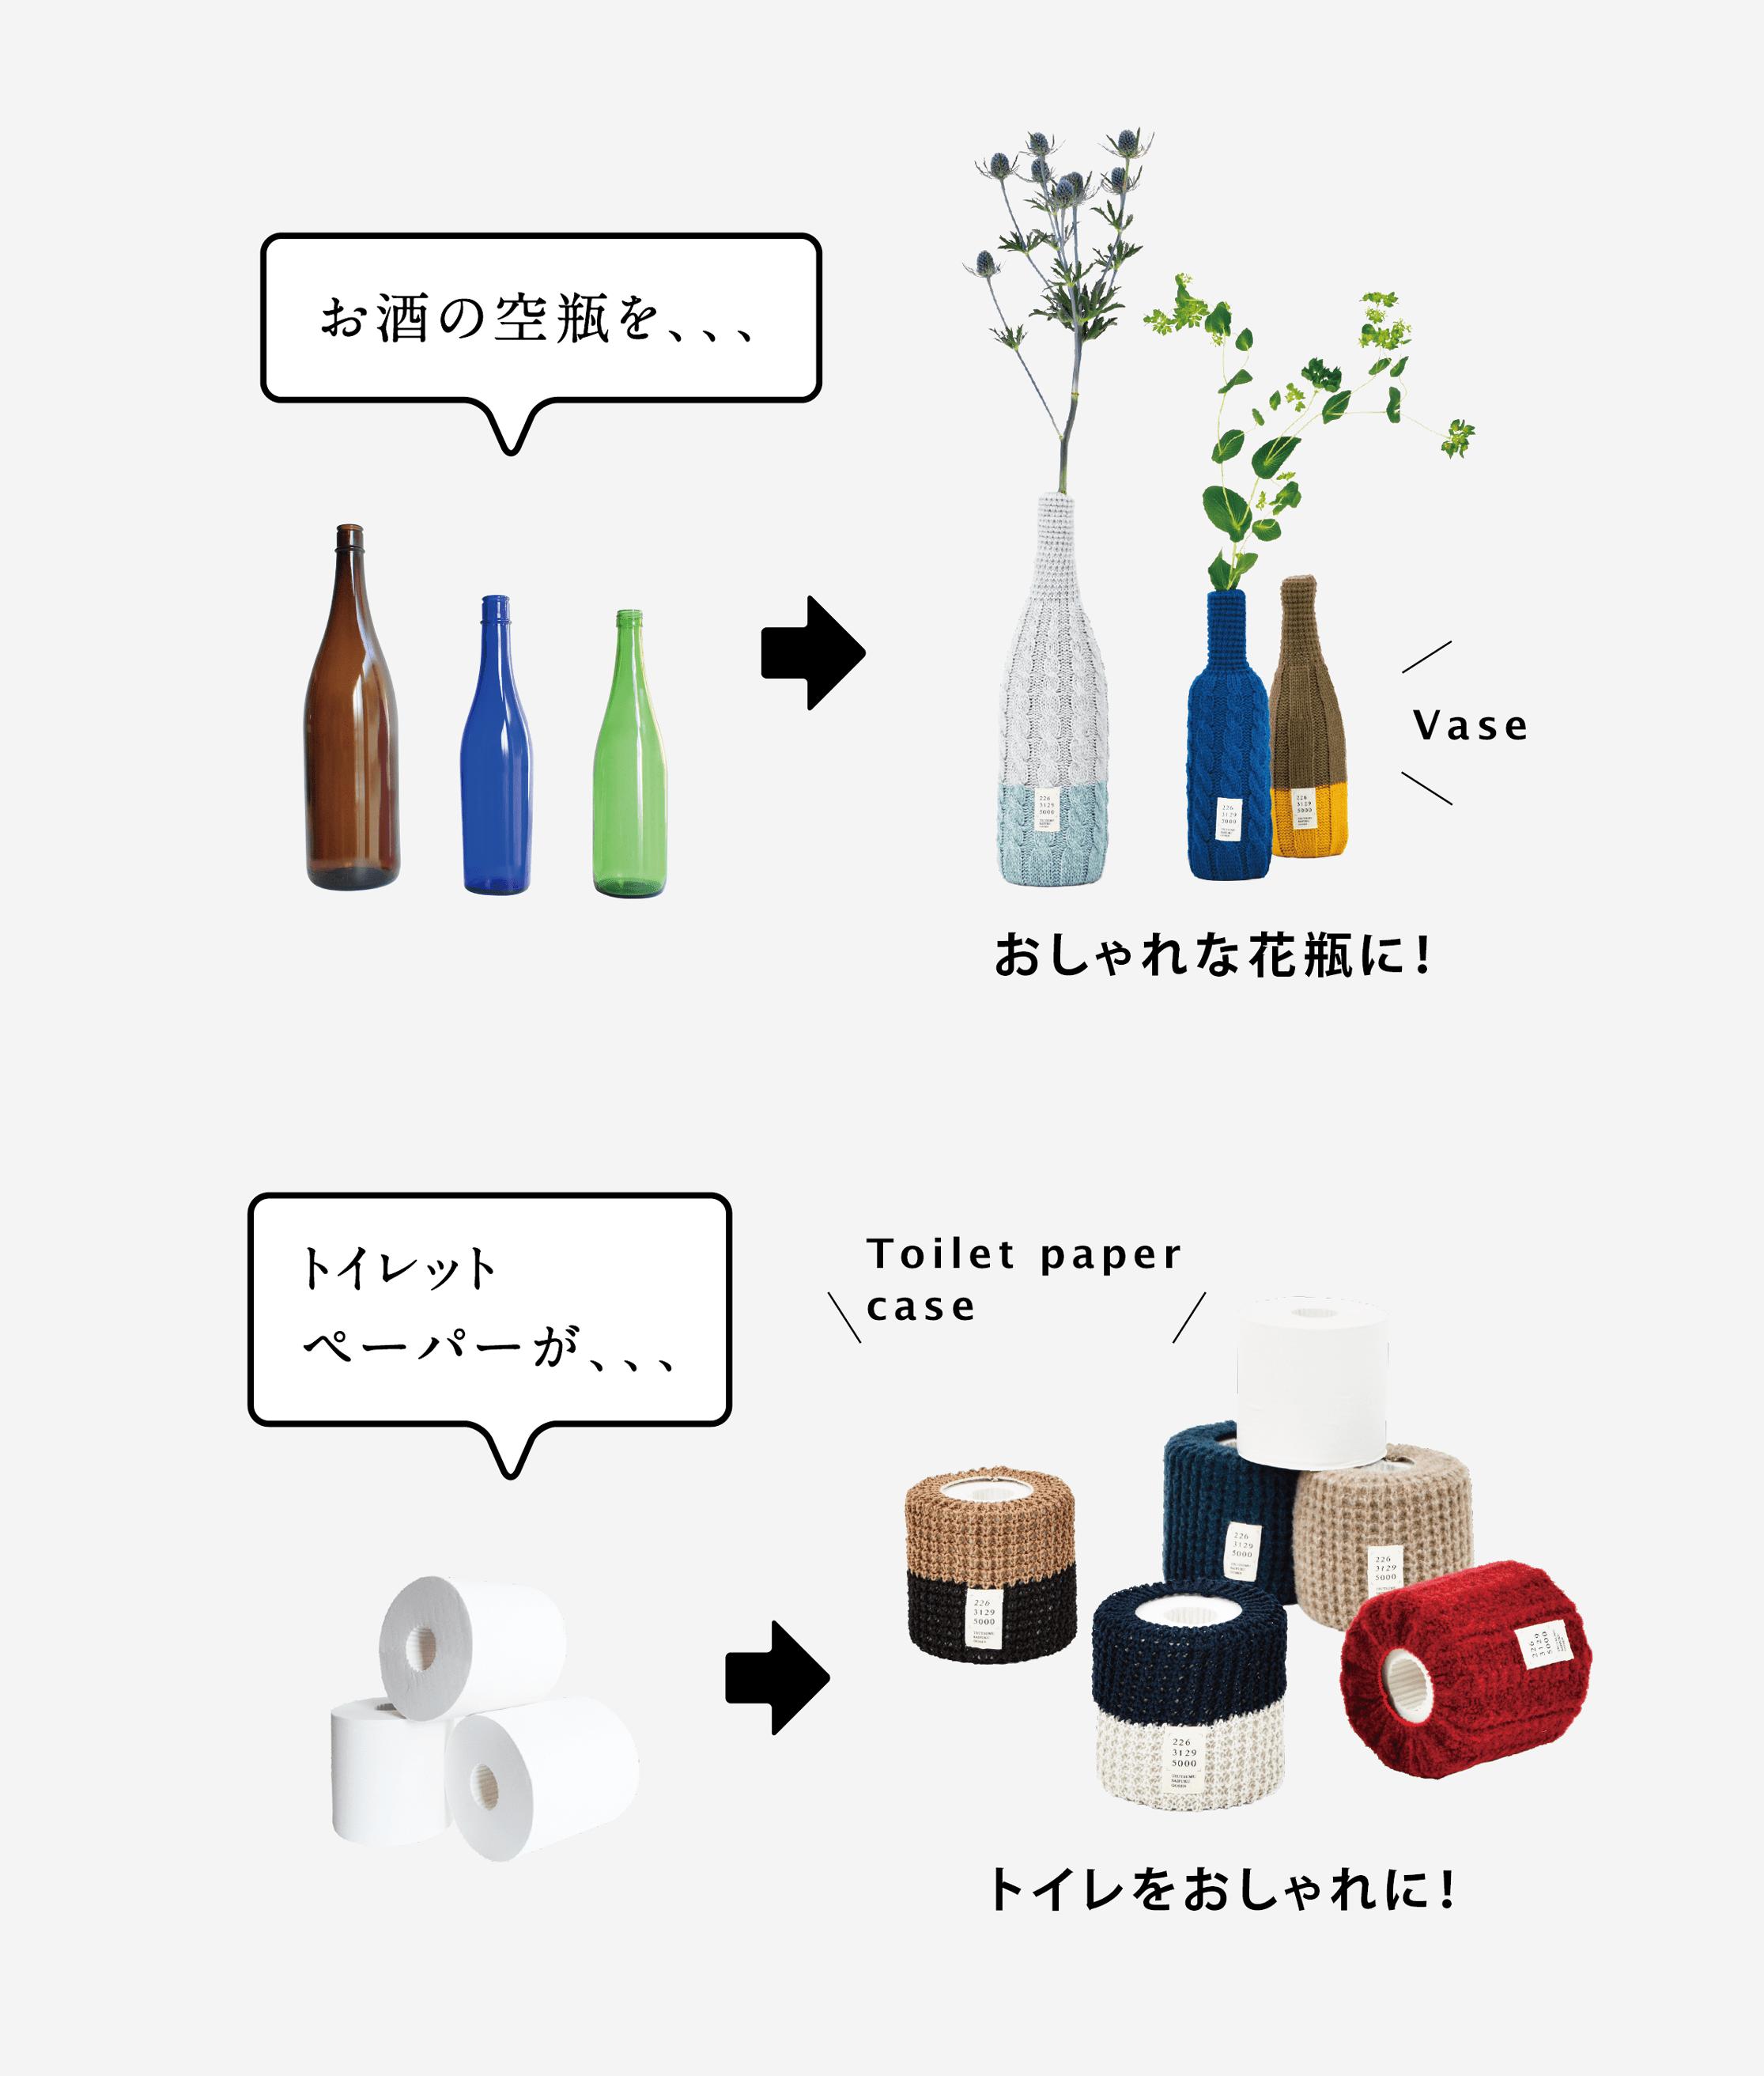 お酒の空瓶を、おしゃれな花瓶に!